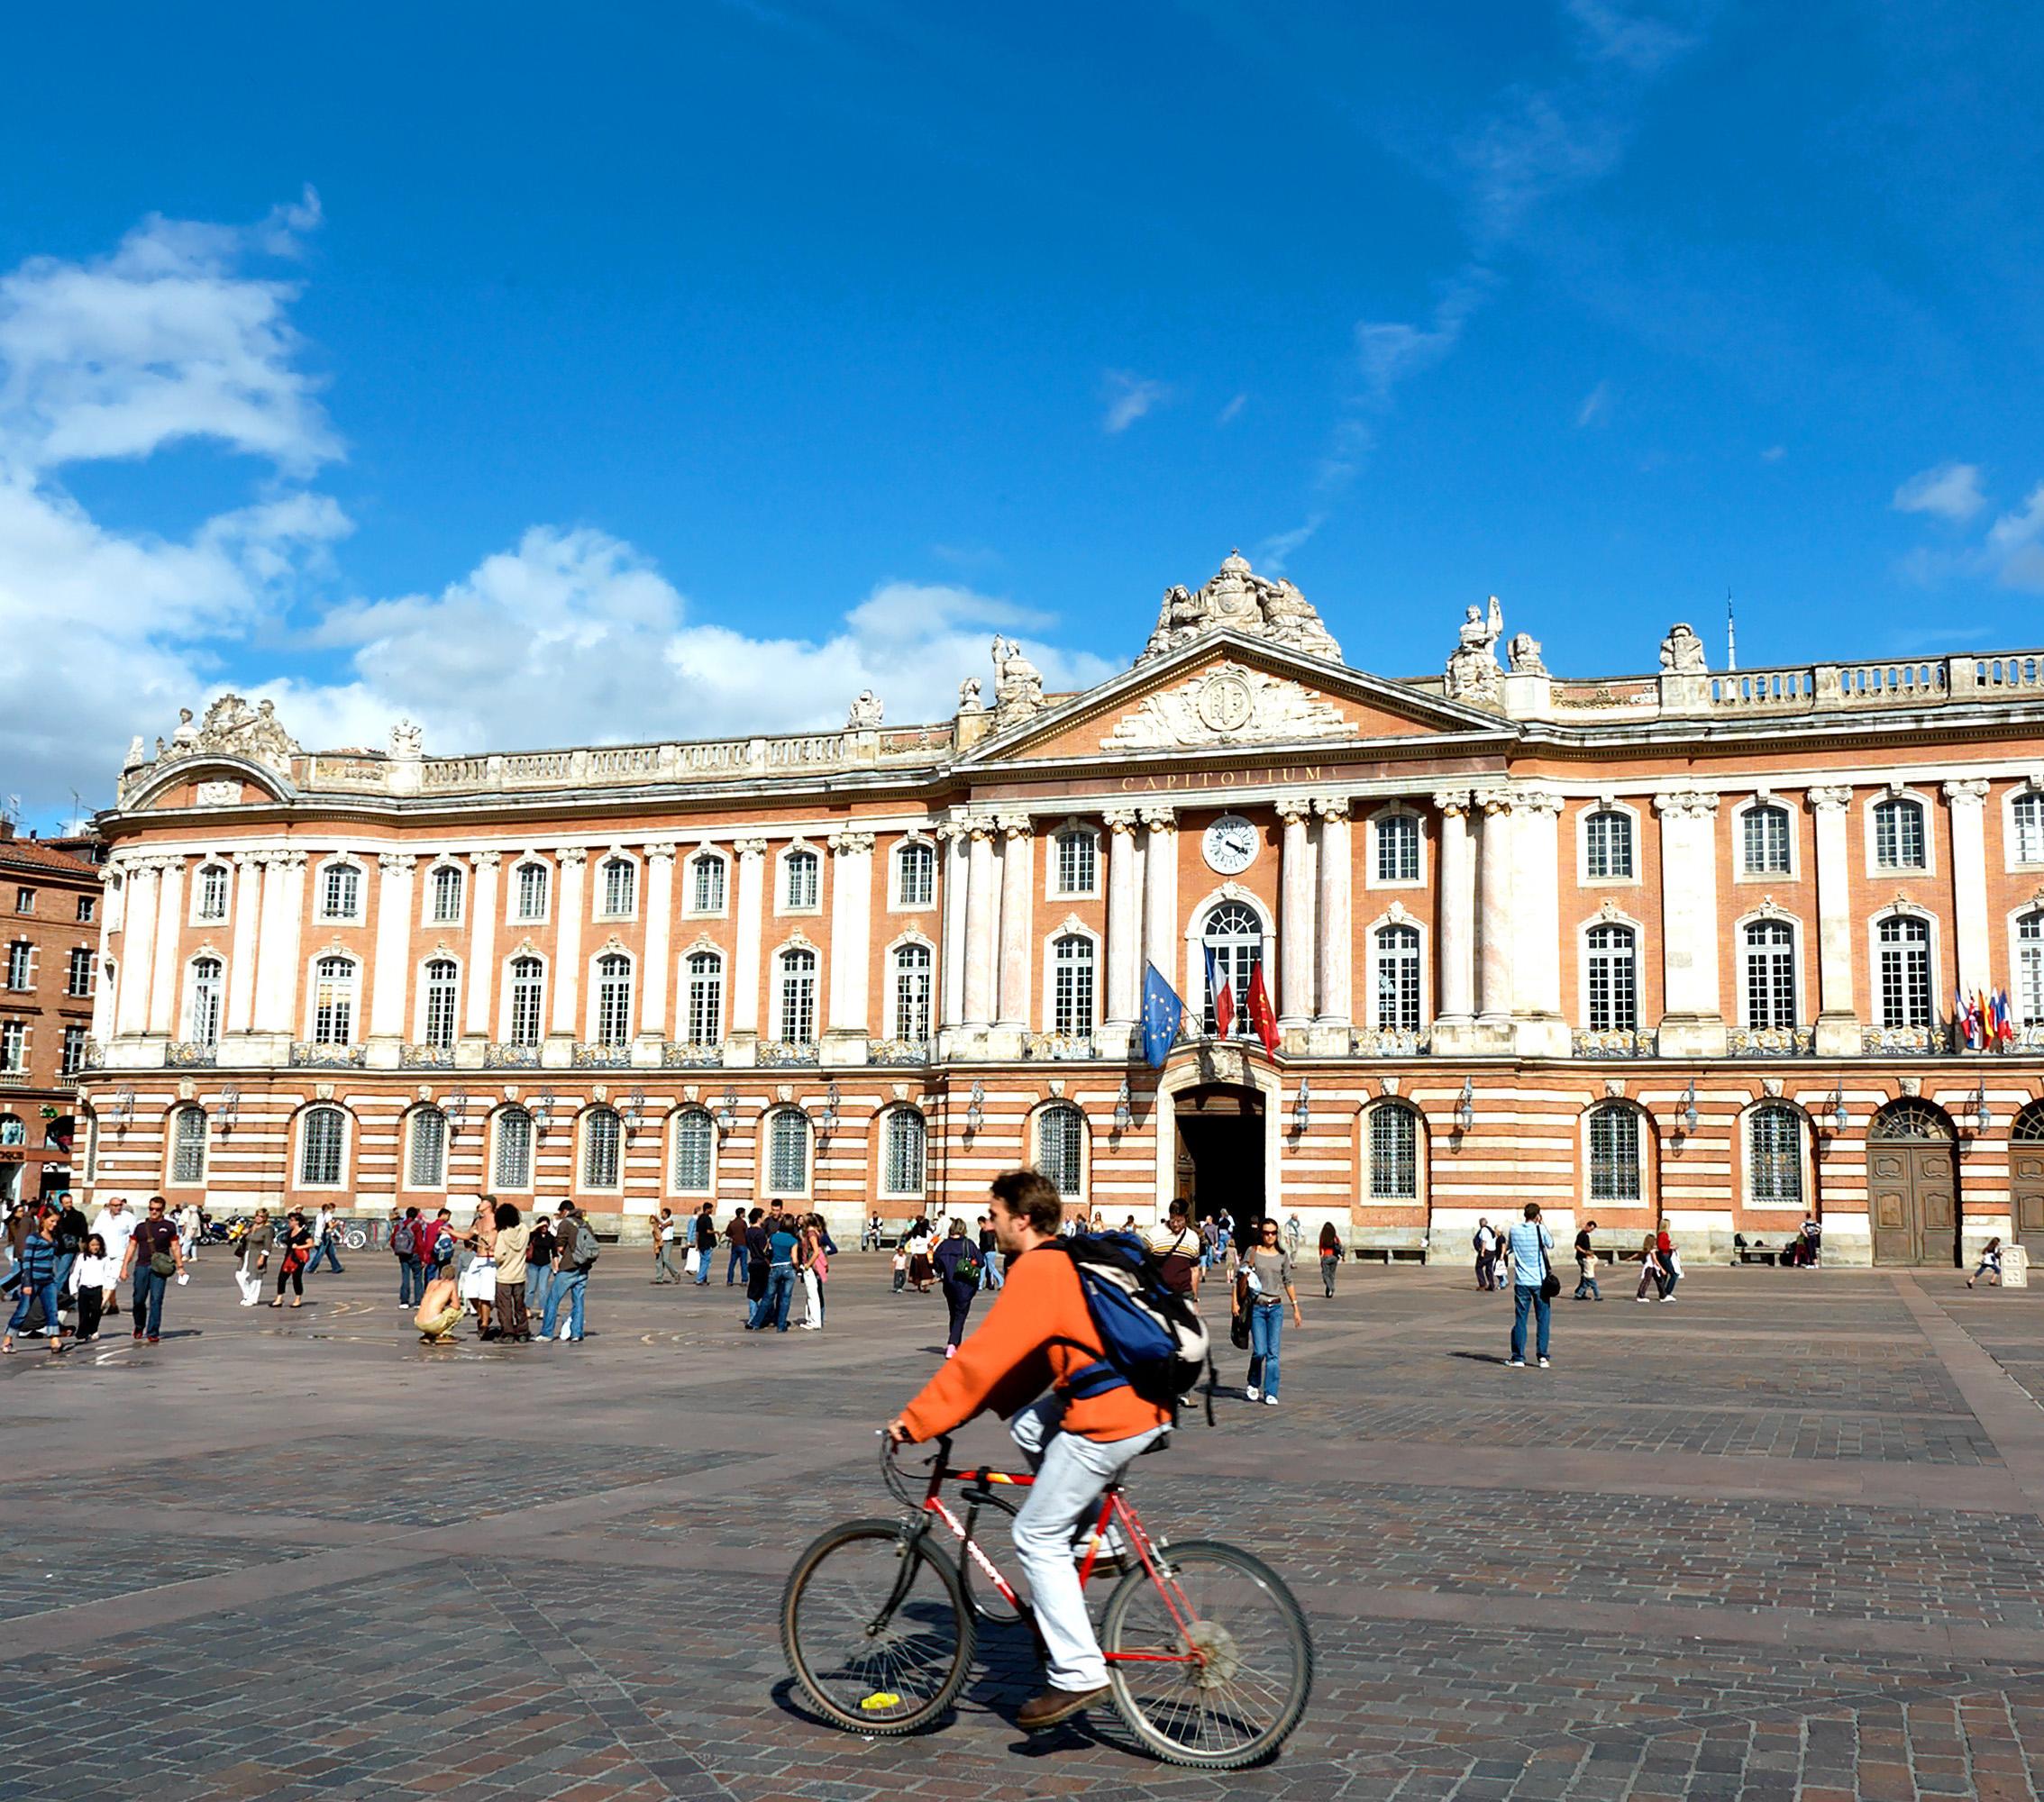 Toulouse La situation impose de sortir de l'ambiguïté